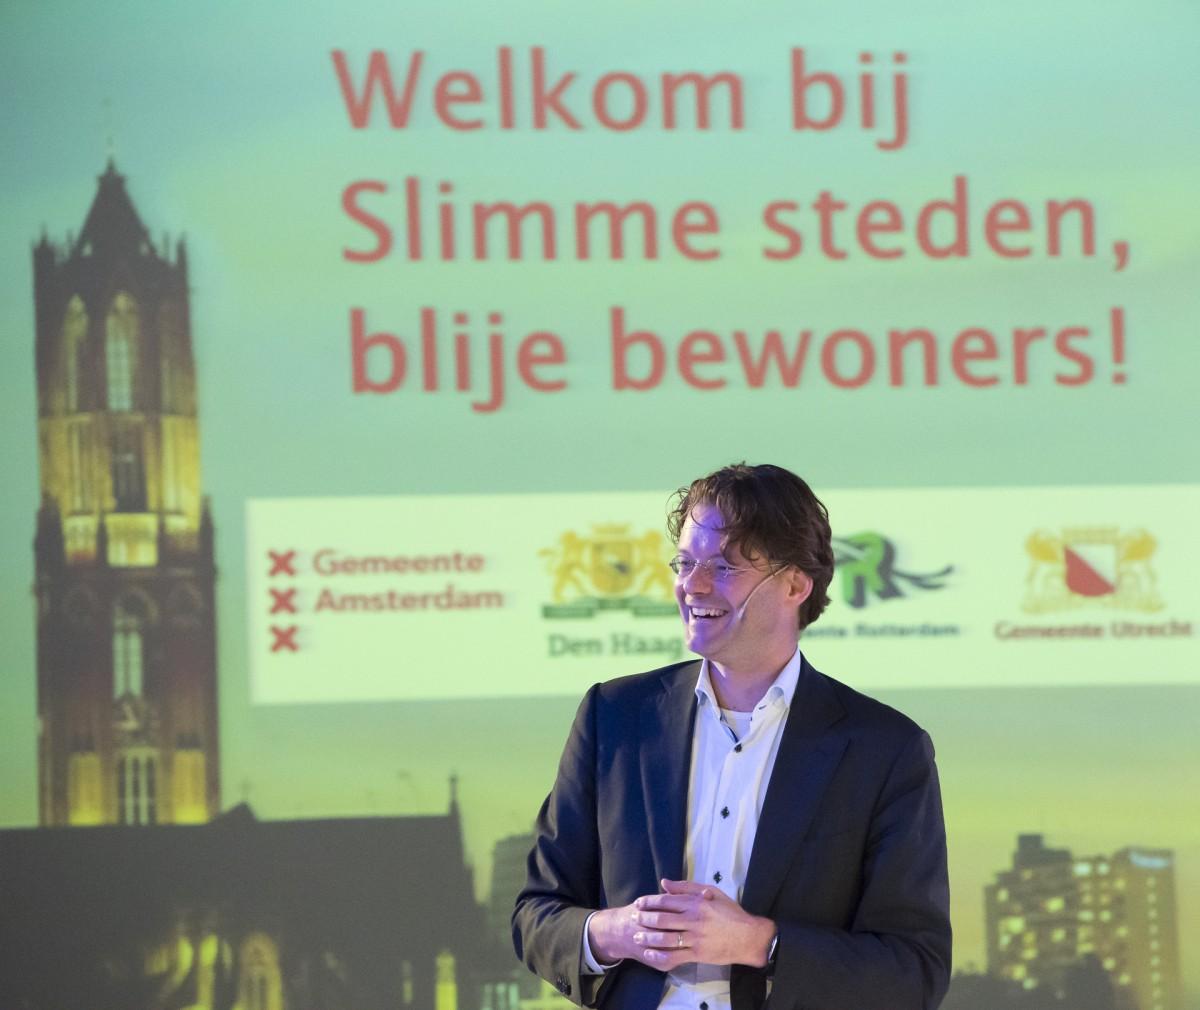 Maarten Schurink tijdens het G4 CIO-congres Slimme steden, blije bewoners